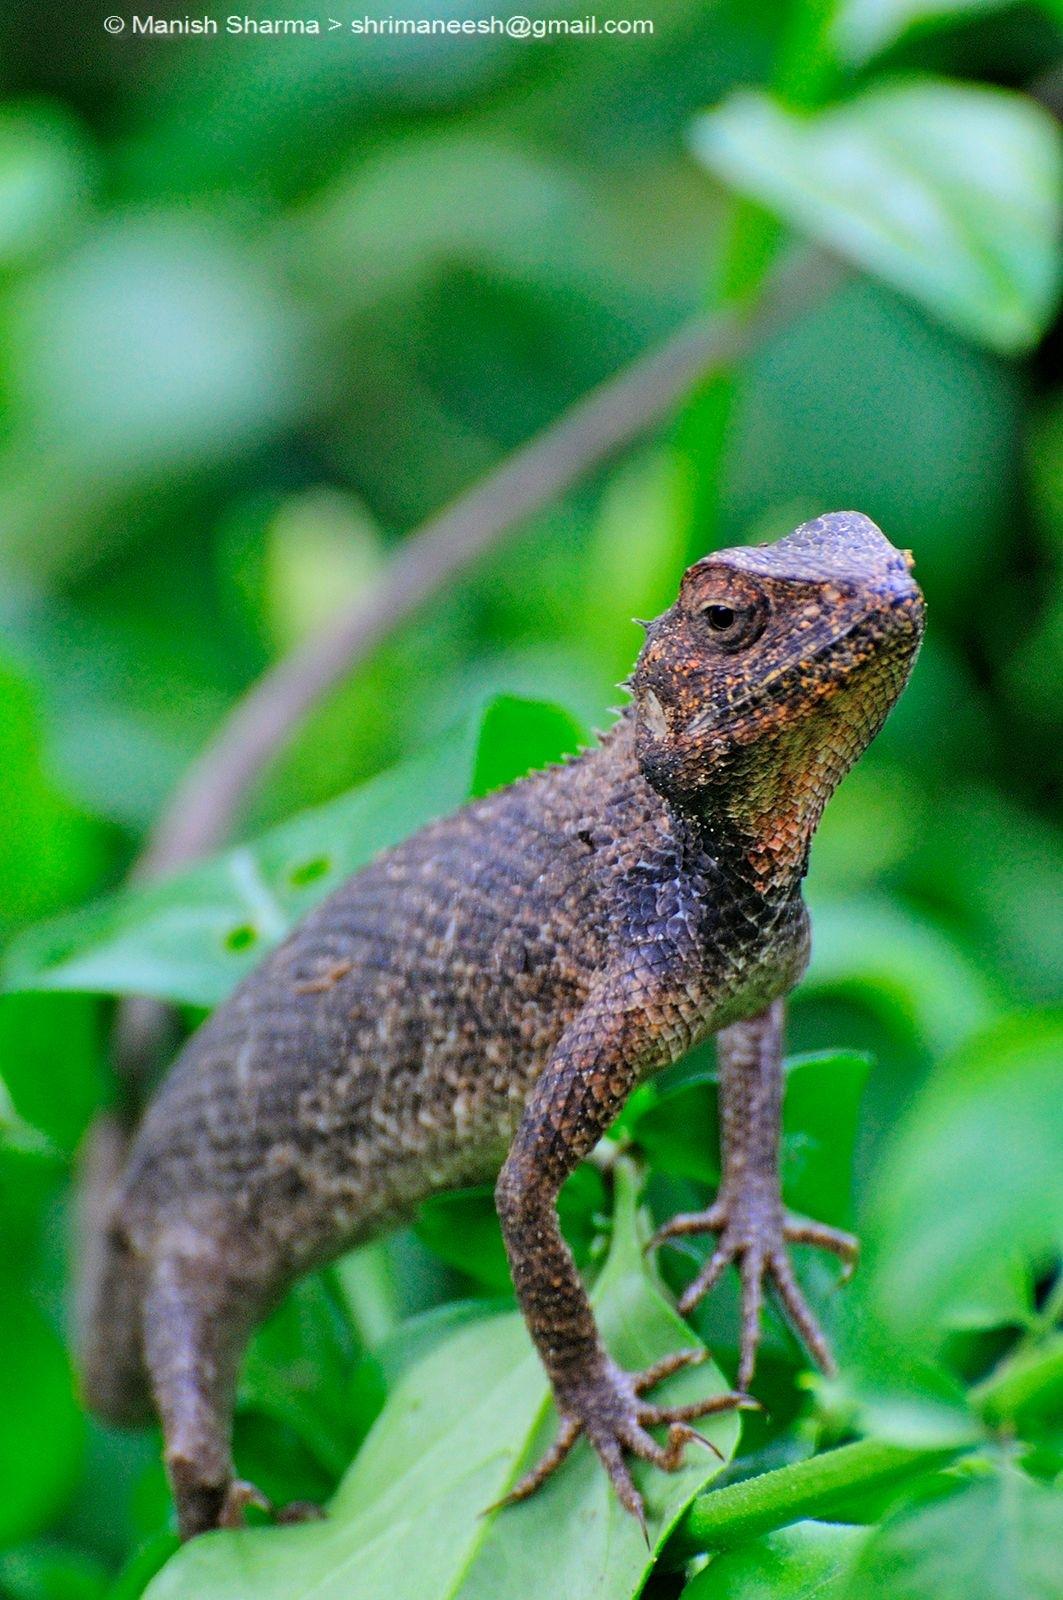 Oriental Garden Lizard...Scientific name: Calotes versicolor by Maneesh Sharma